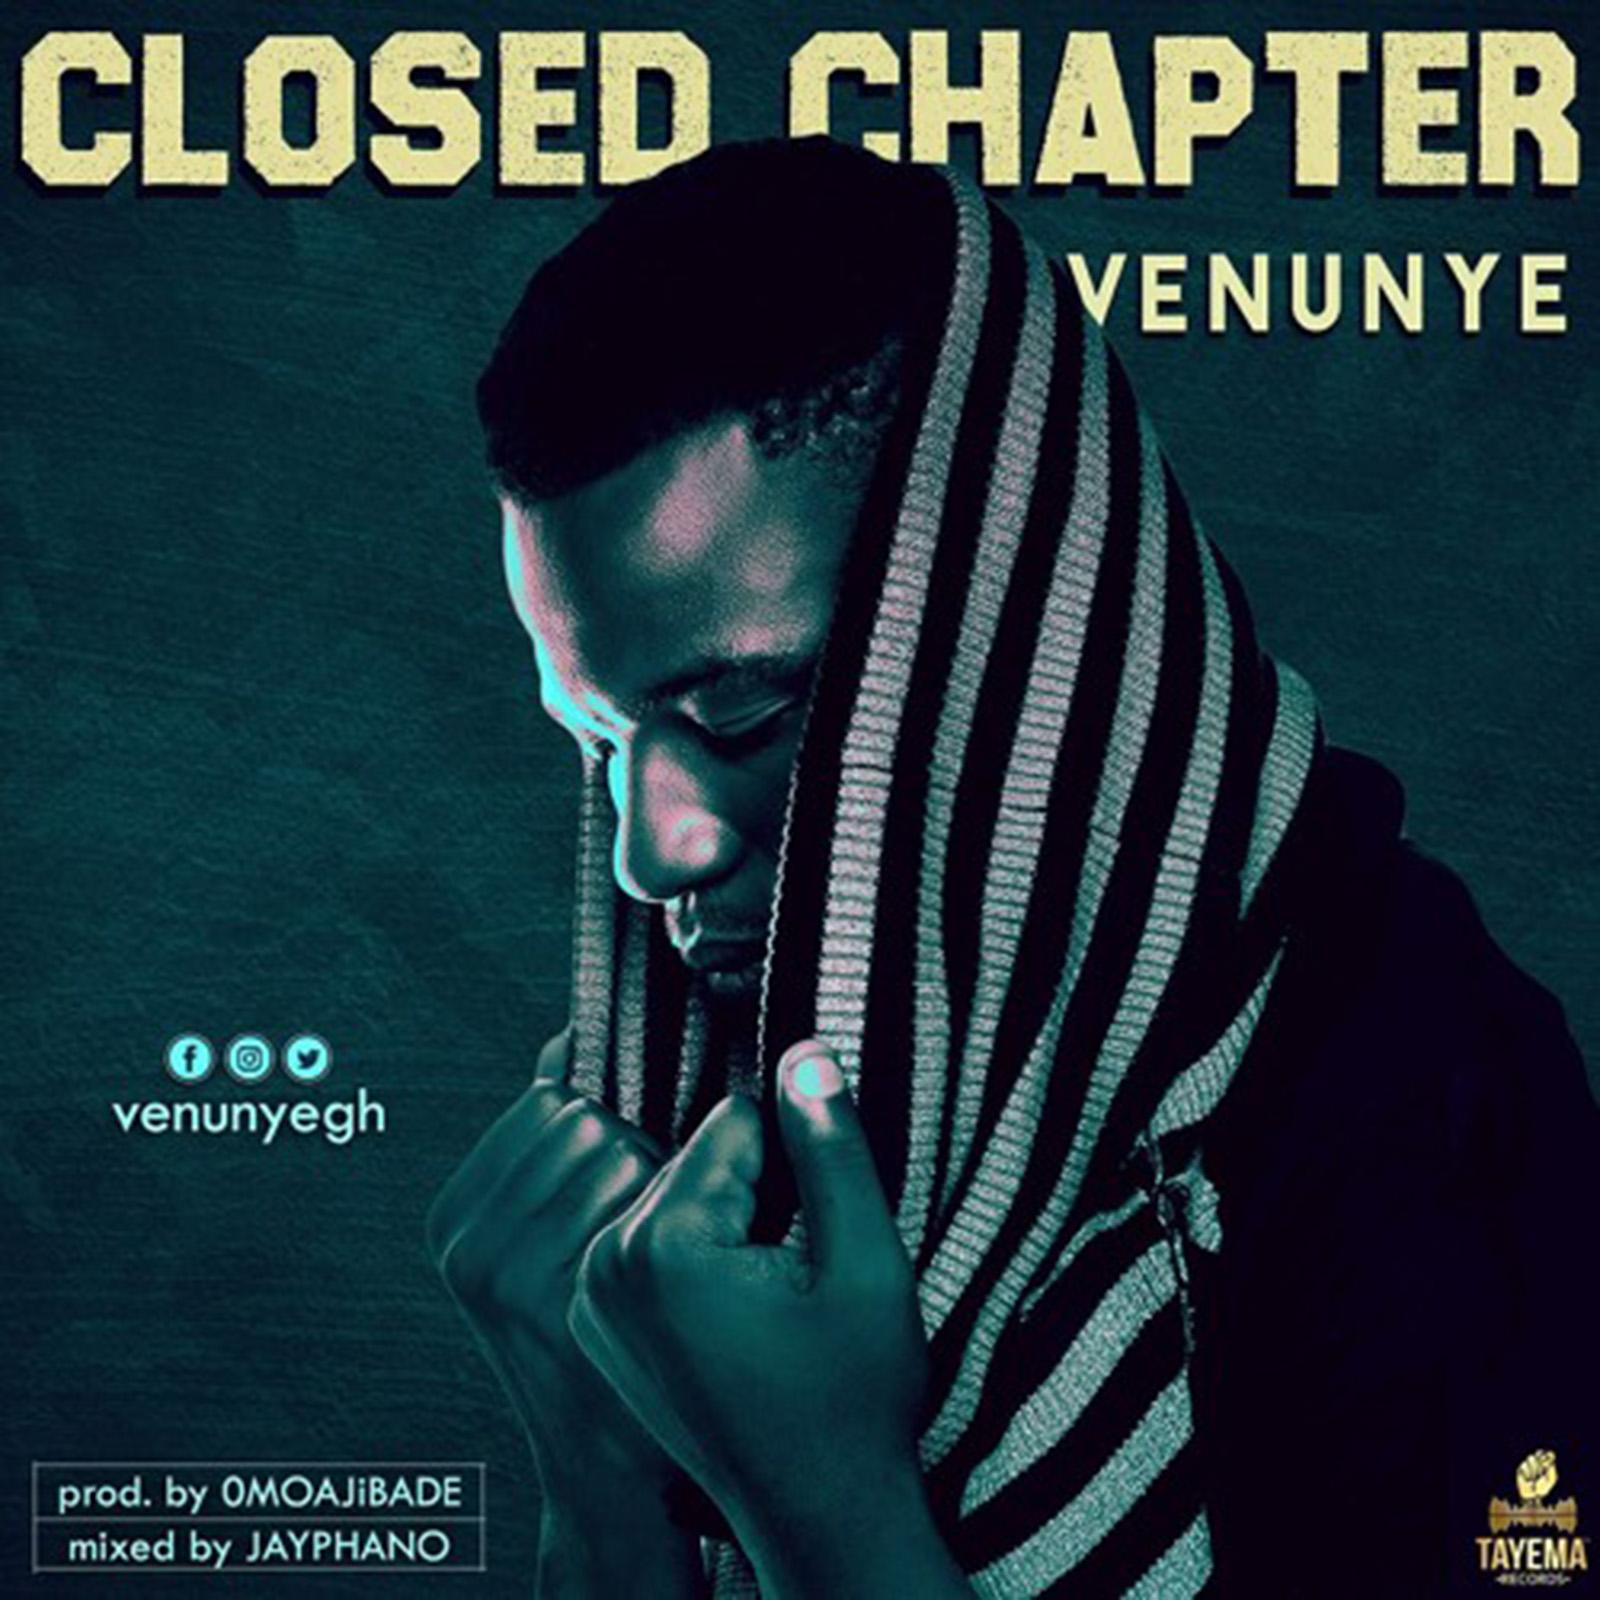 Closed Chapter by Venunye